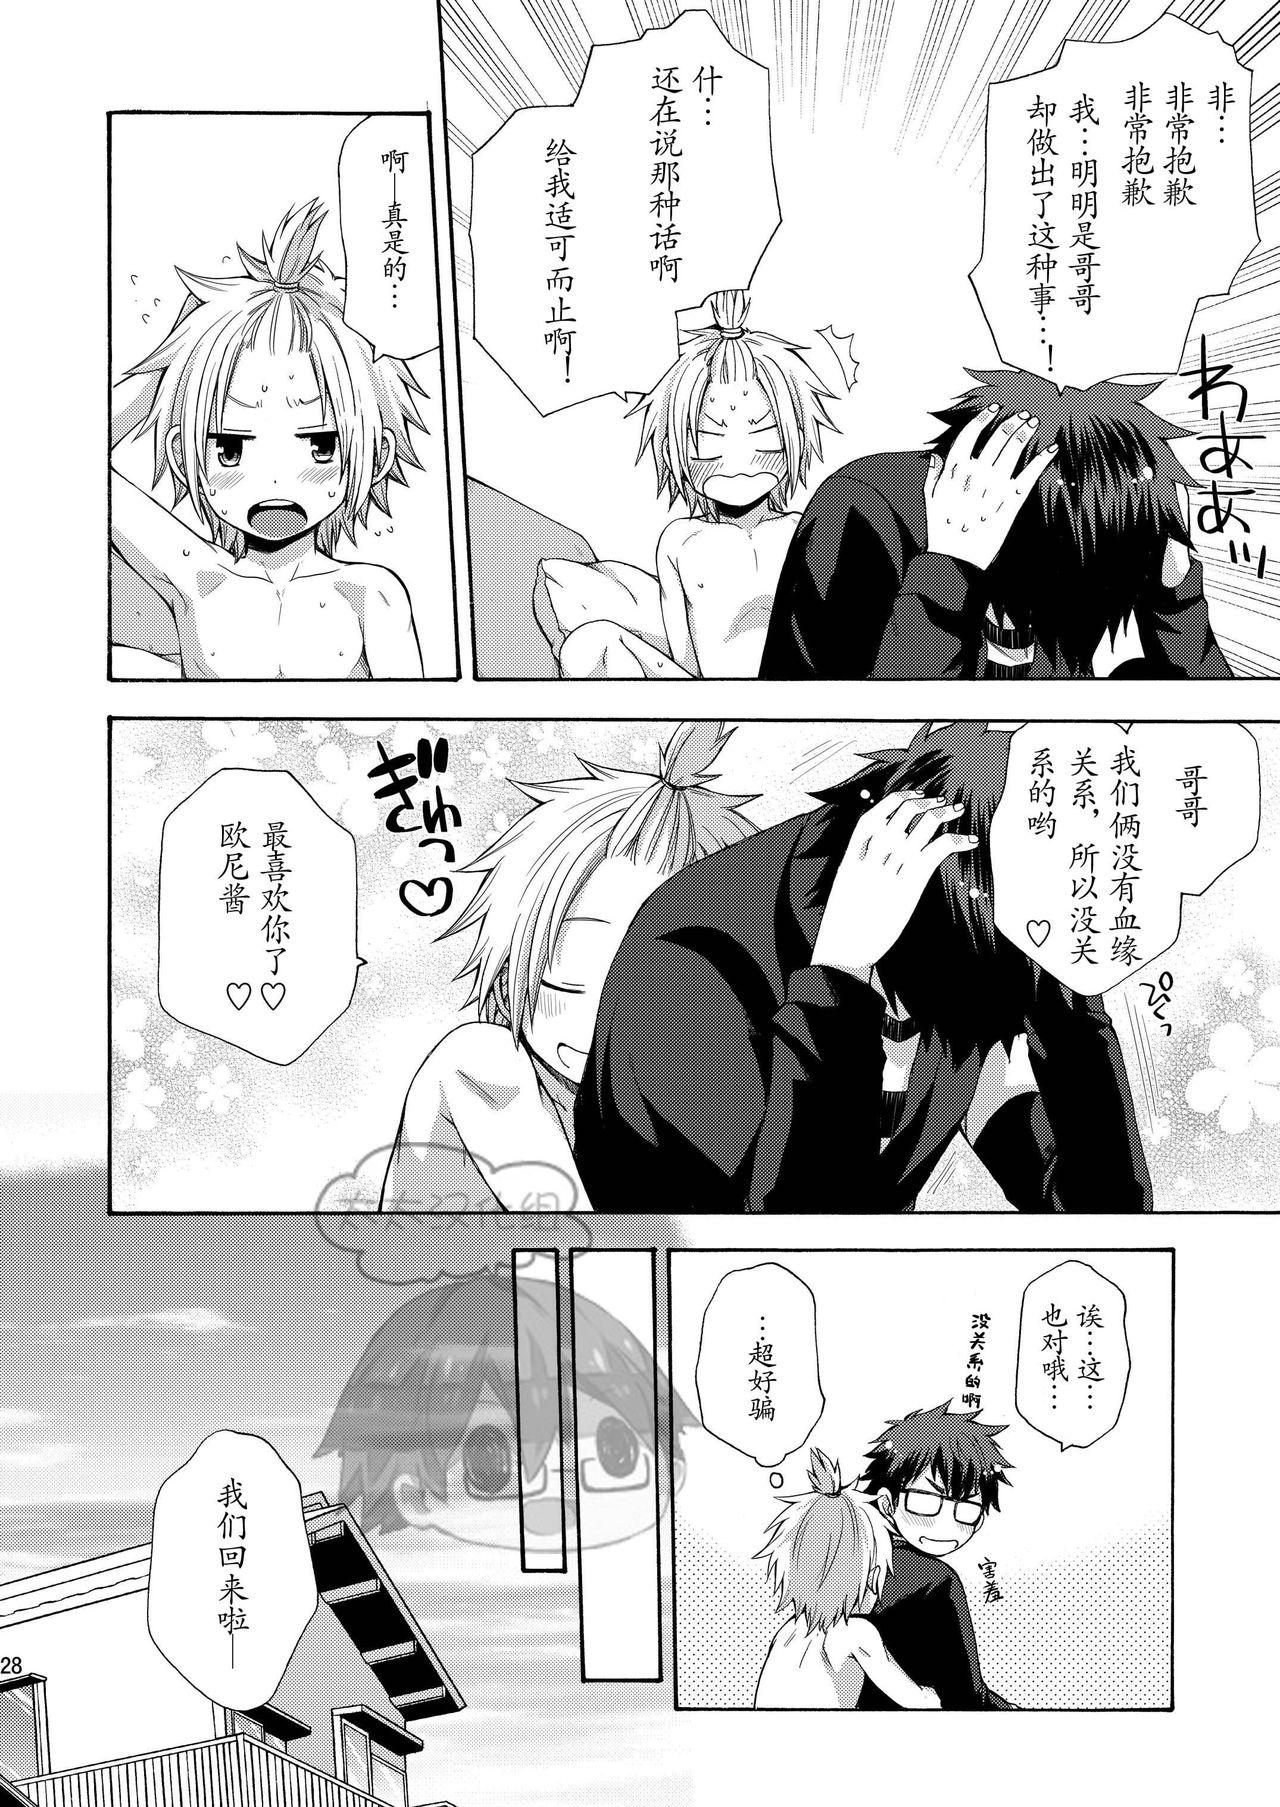 Otouto ga Dekimashita 27